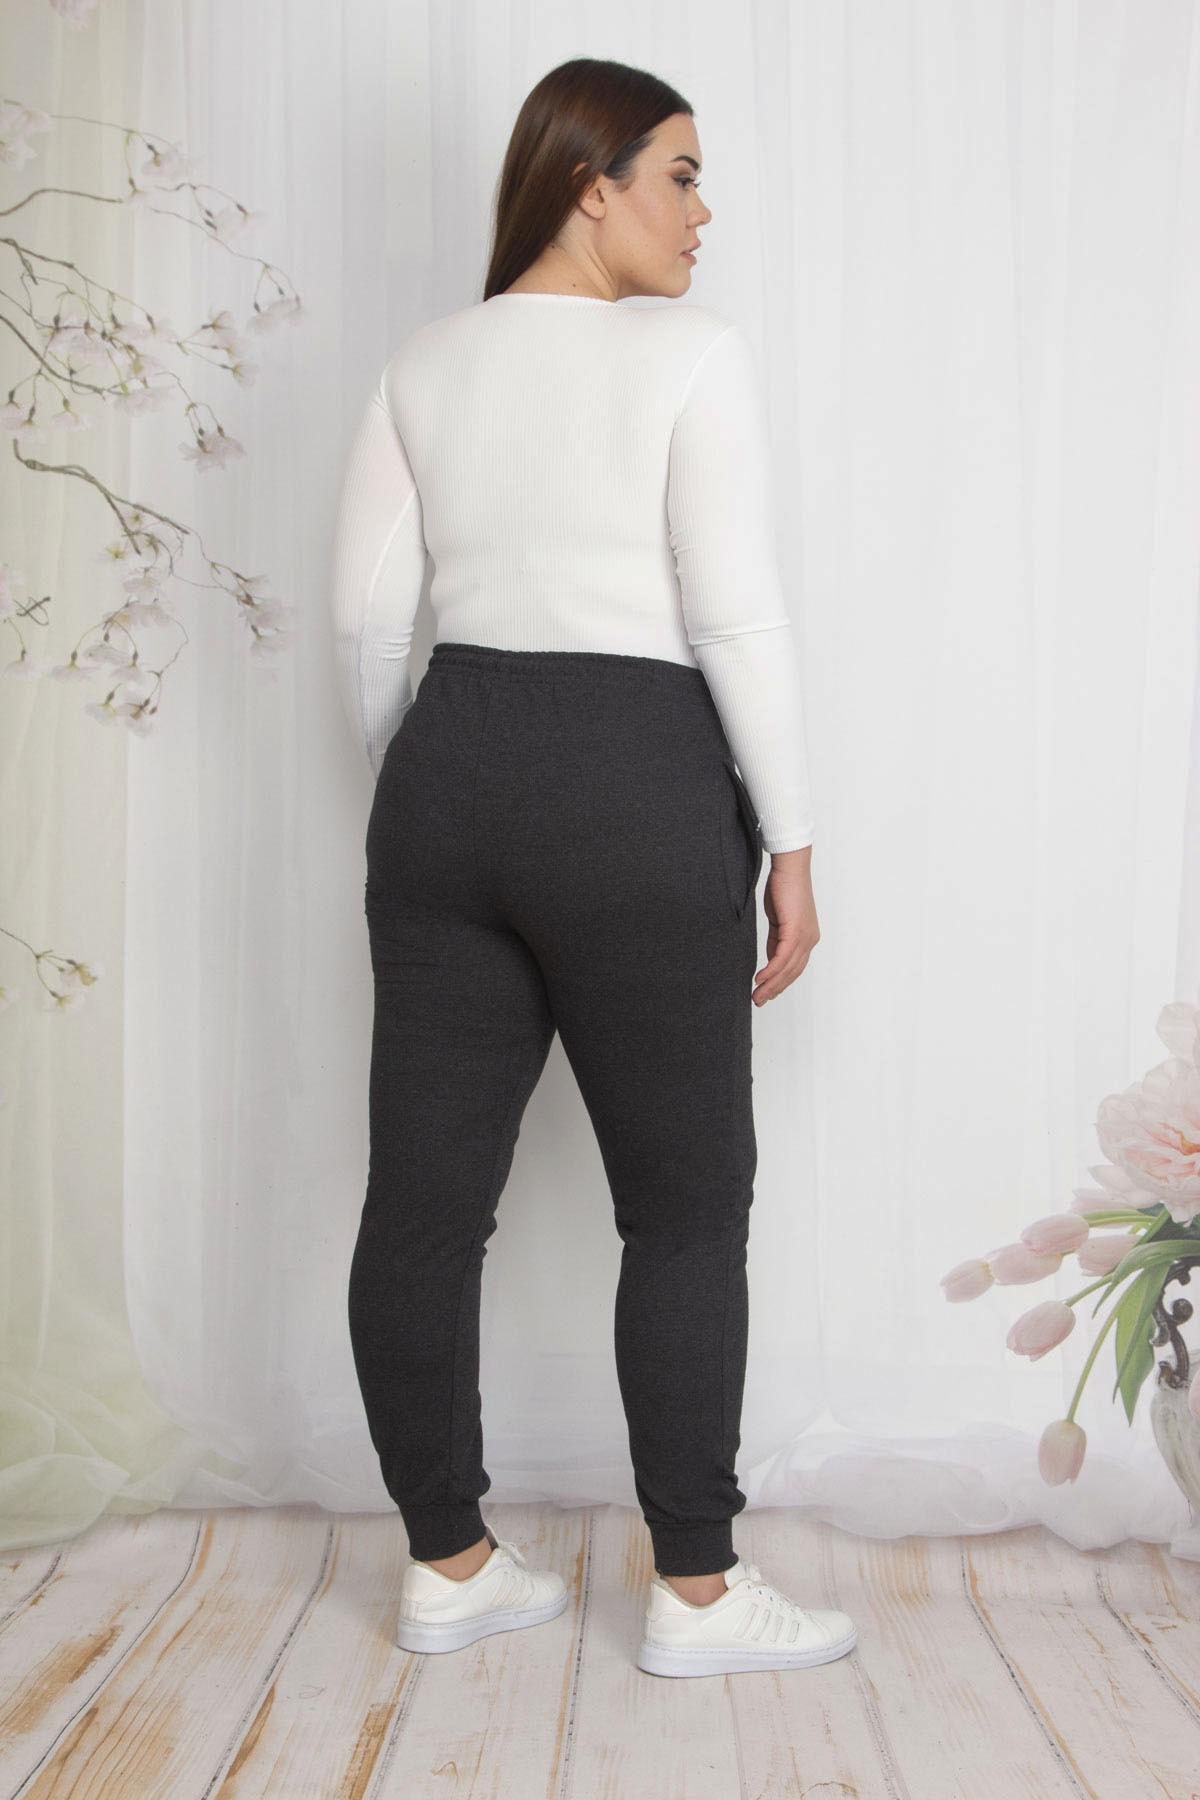 Şans Kadın Antrasit İçi Şardonlu Kumaş Cepli Bel Kısmı Lastikli Spor Pantolon 65N22210 2